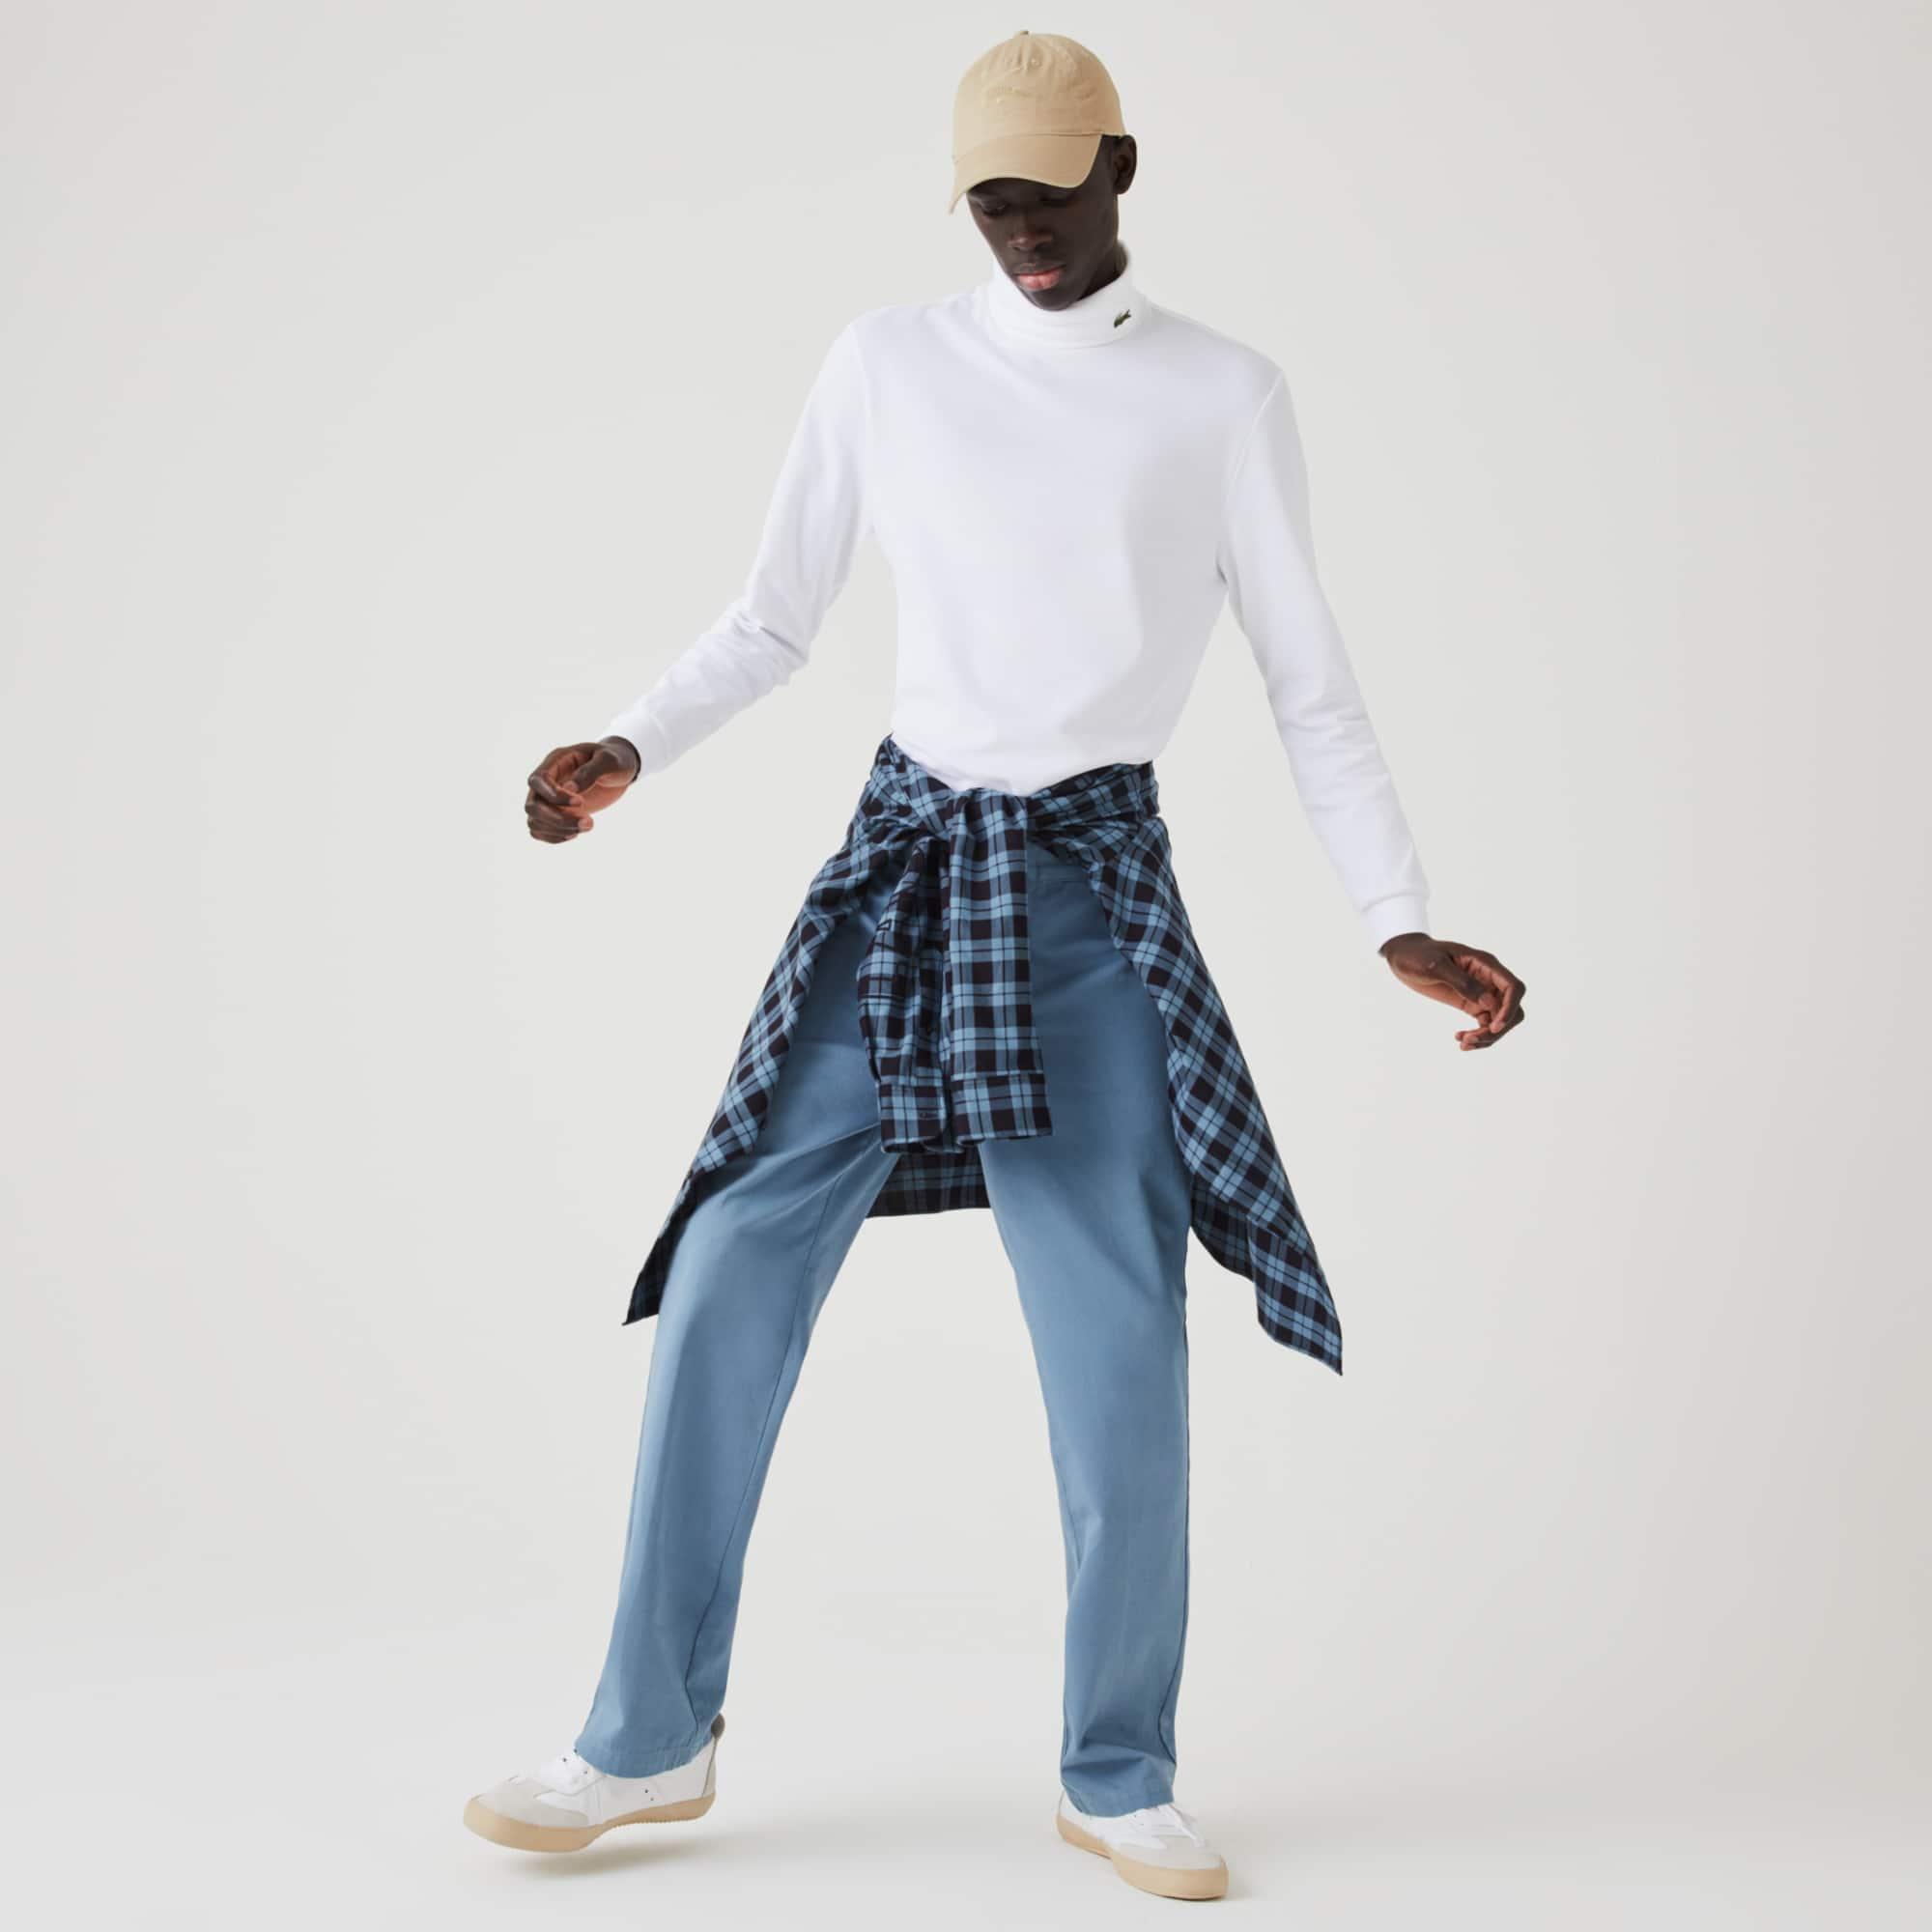 Lacoste T-shirt col roulé à manches longues en piqué de coton biologique stretch Taille 7 - XXL Blan